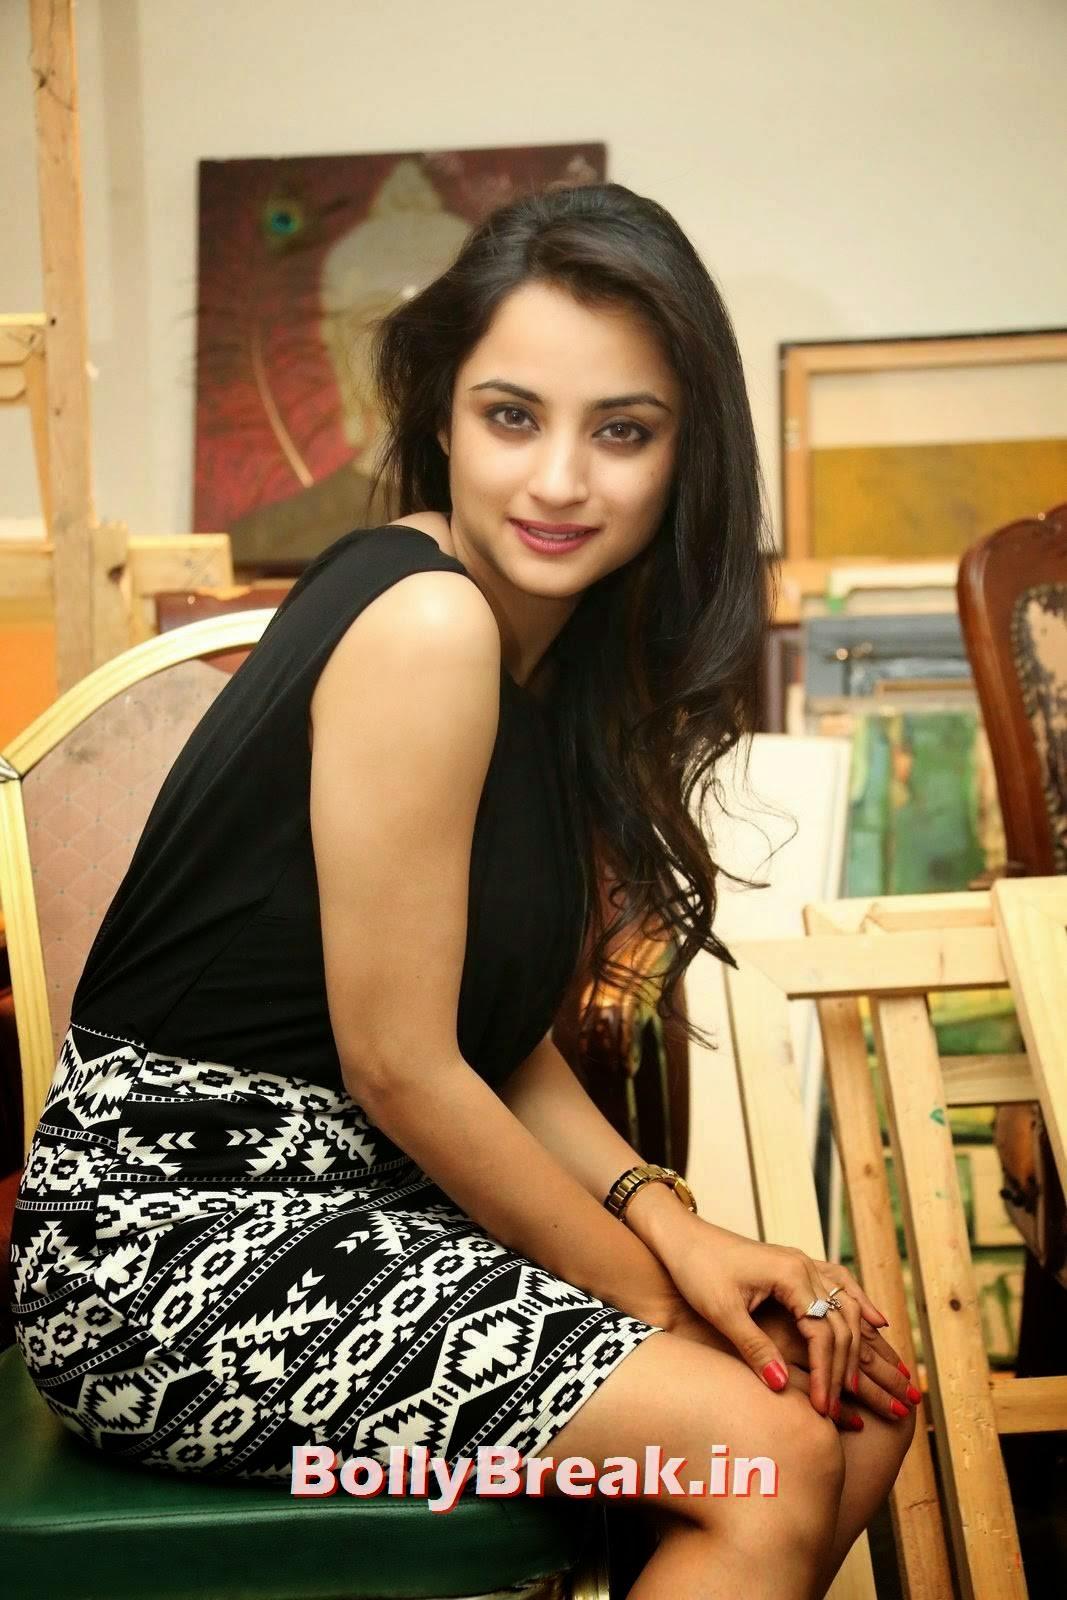 Actress Madirakshi Wallpapers, Actress Madirakshi Hot Pics in Skirt & Black Top